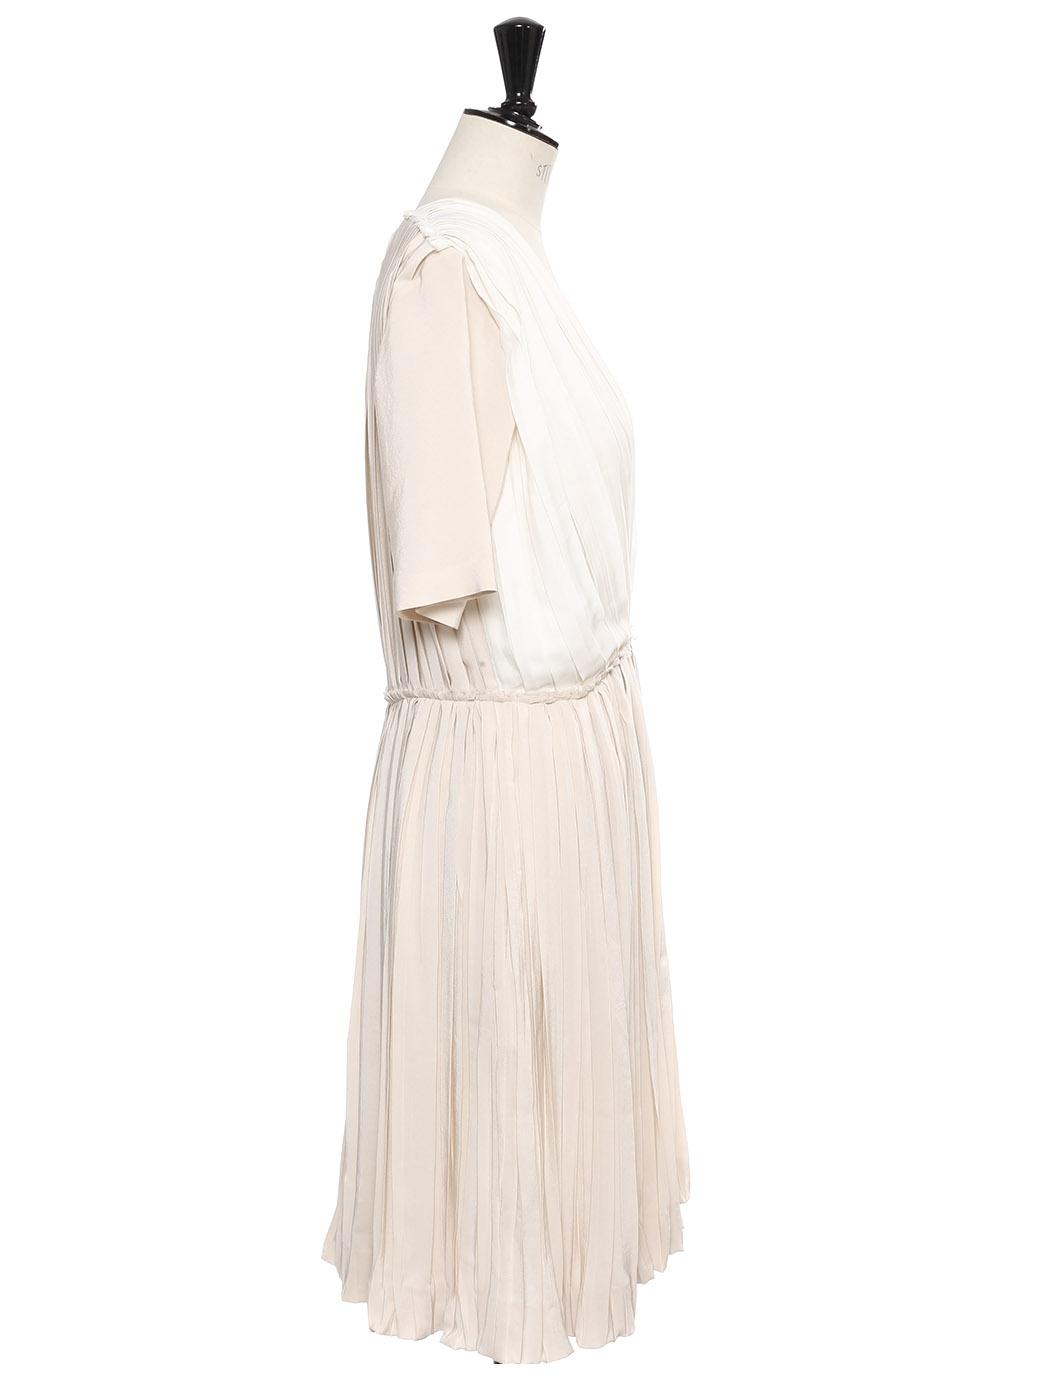 e611e038c07 ... Robe manches courtes cintrée en soie plissée ivoire et beige rosé Prix  boutique 1790€ Taille ...